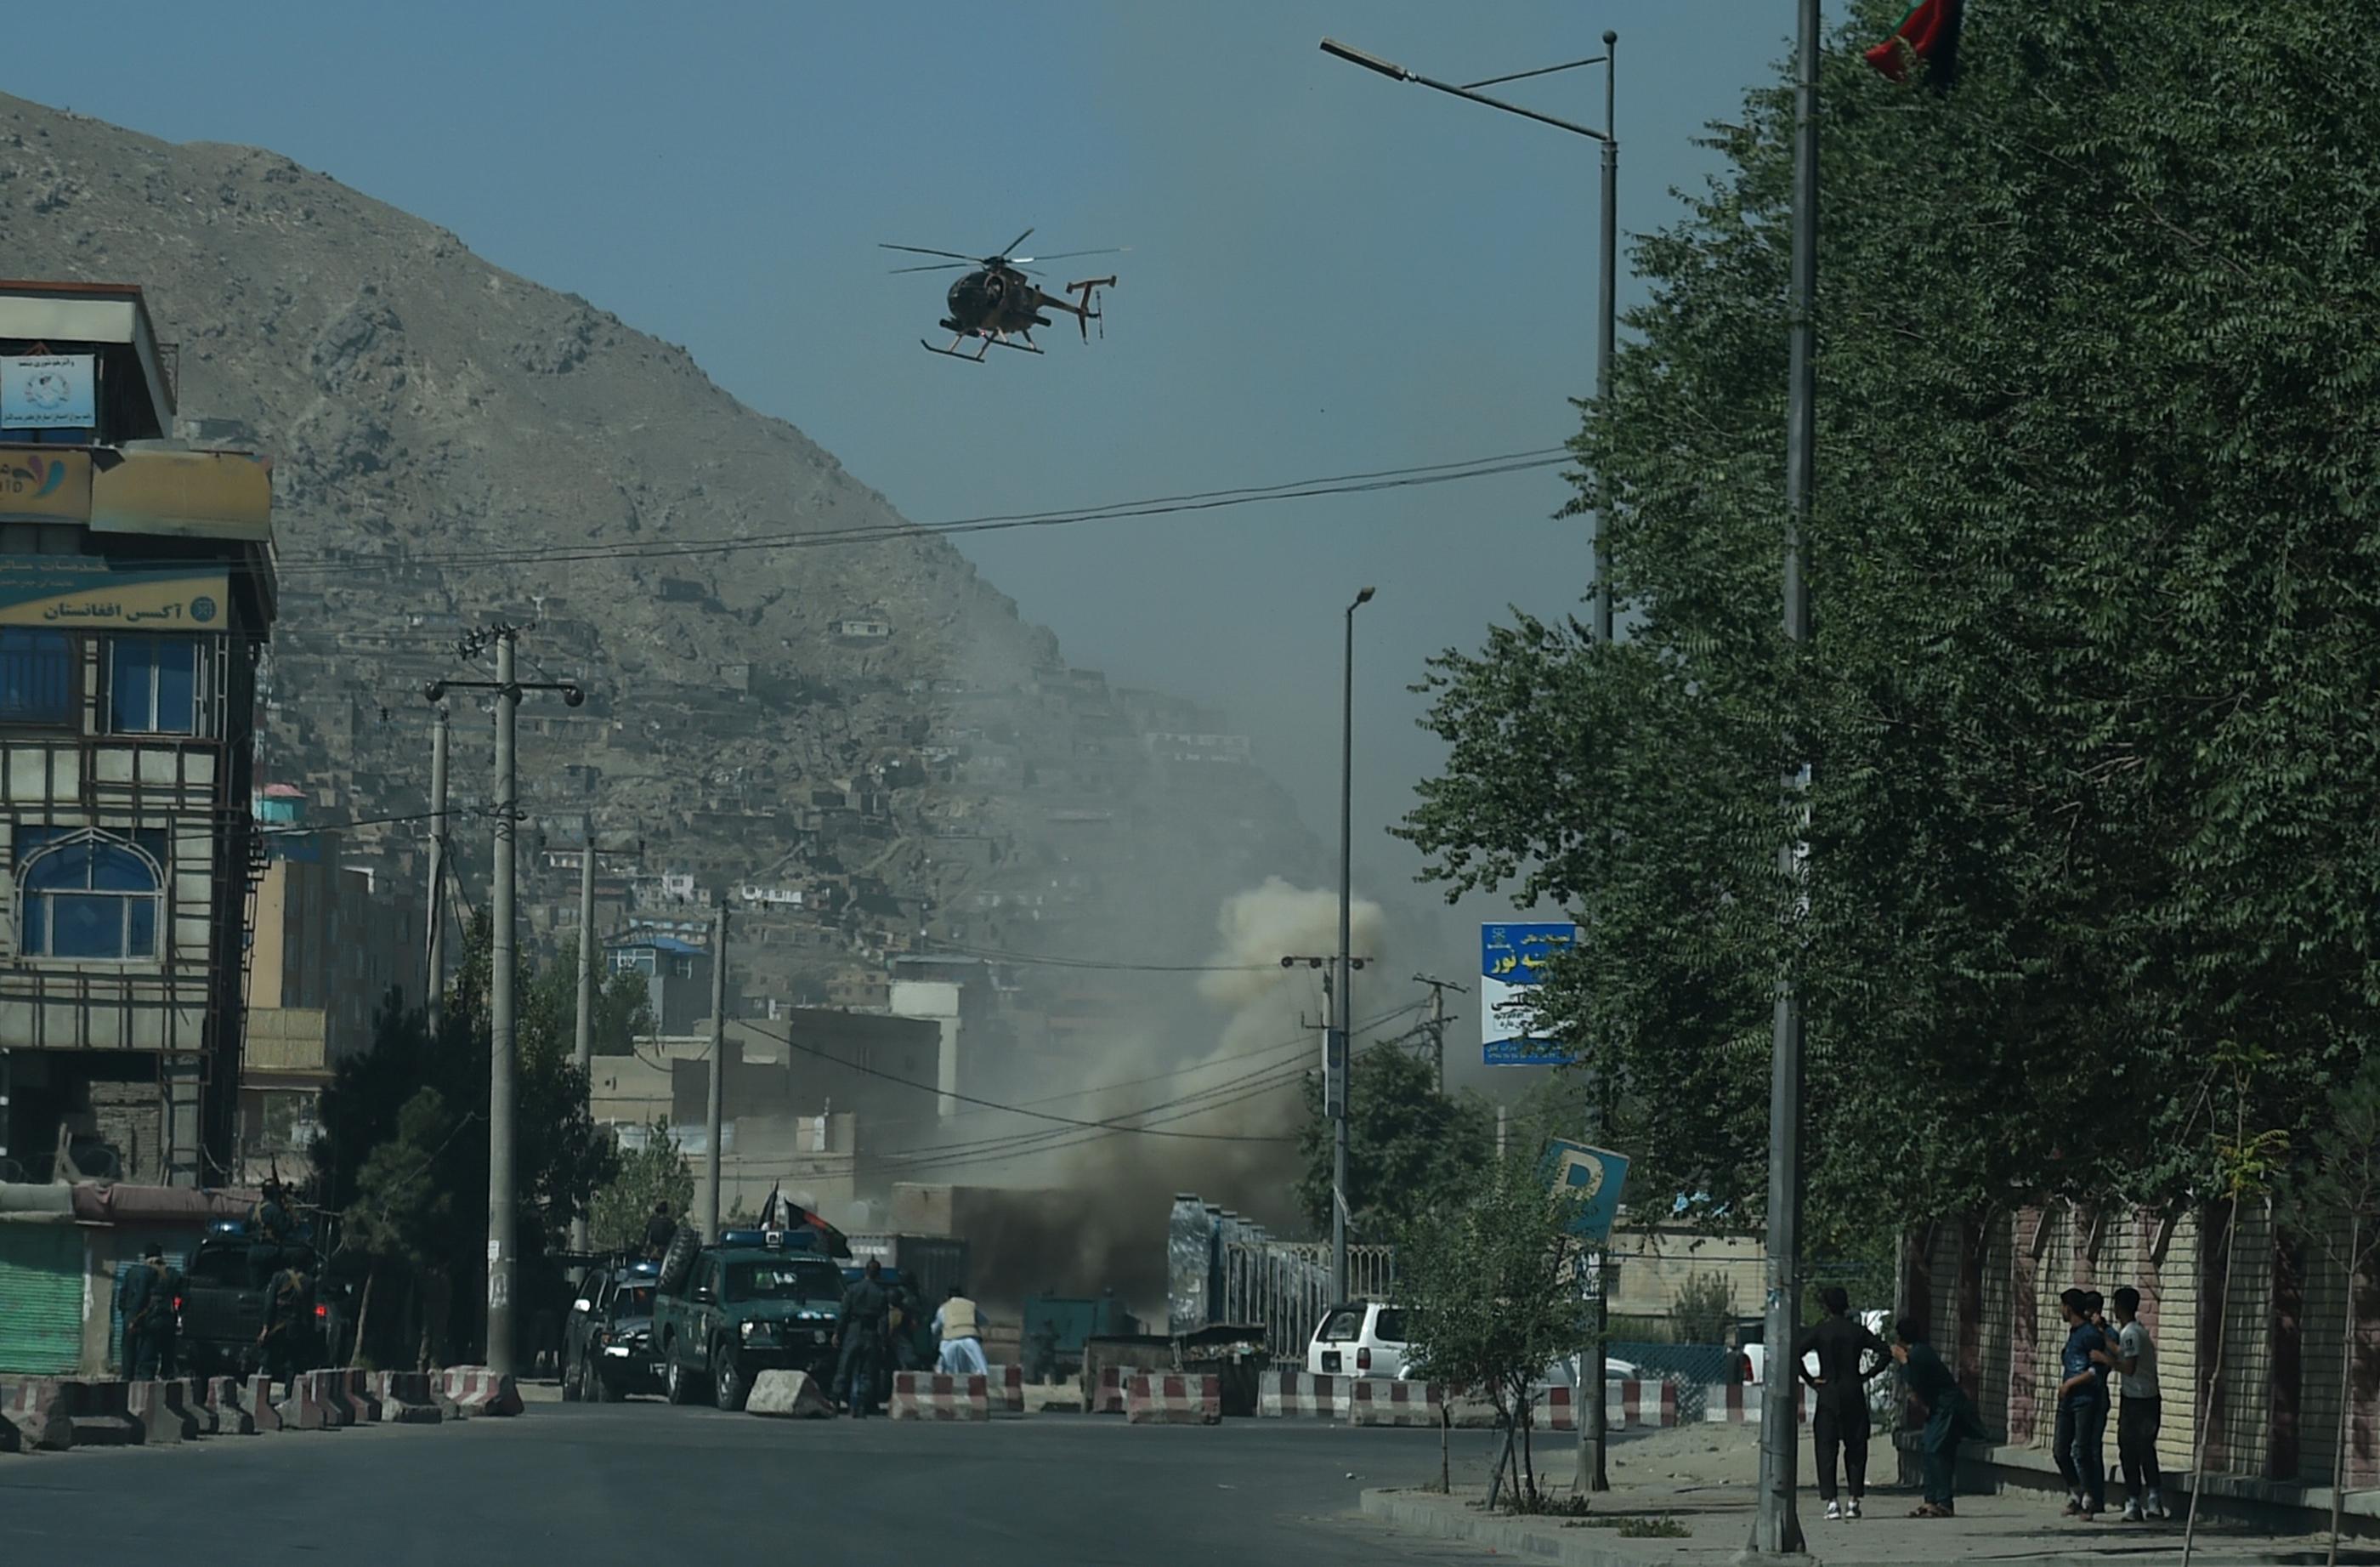 كابول صباح عيد الأضحى حيث تظهر مروحية قصفت مواقع للمسلحين